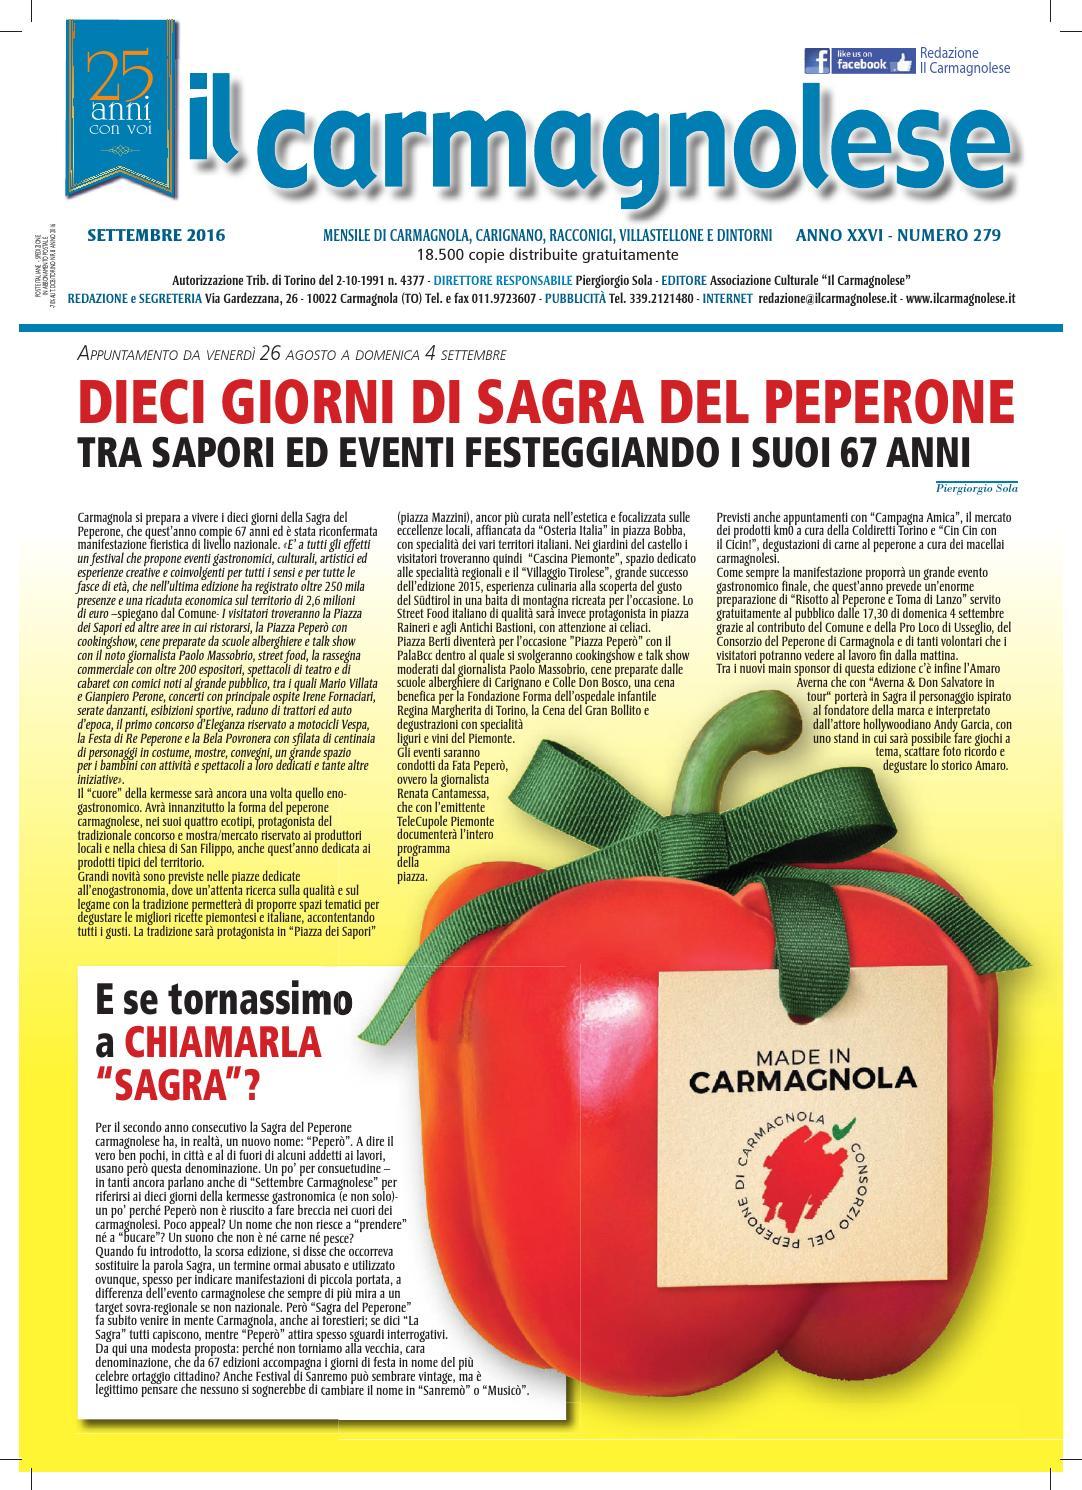 556f4076c9 Il Carmagnolese_Settembre 2016 by Redazione Il Carmagnolese - issuu